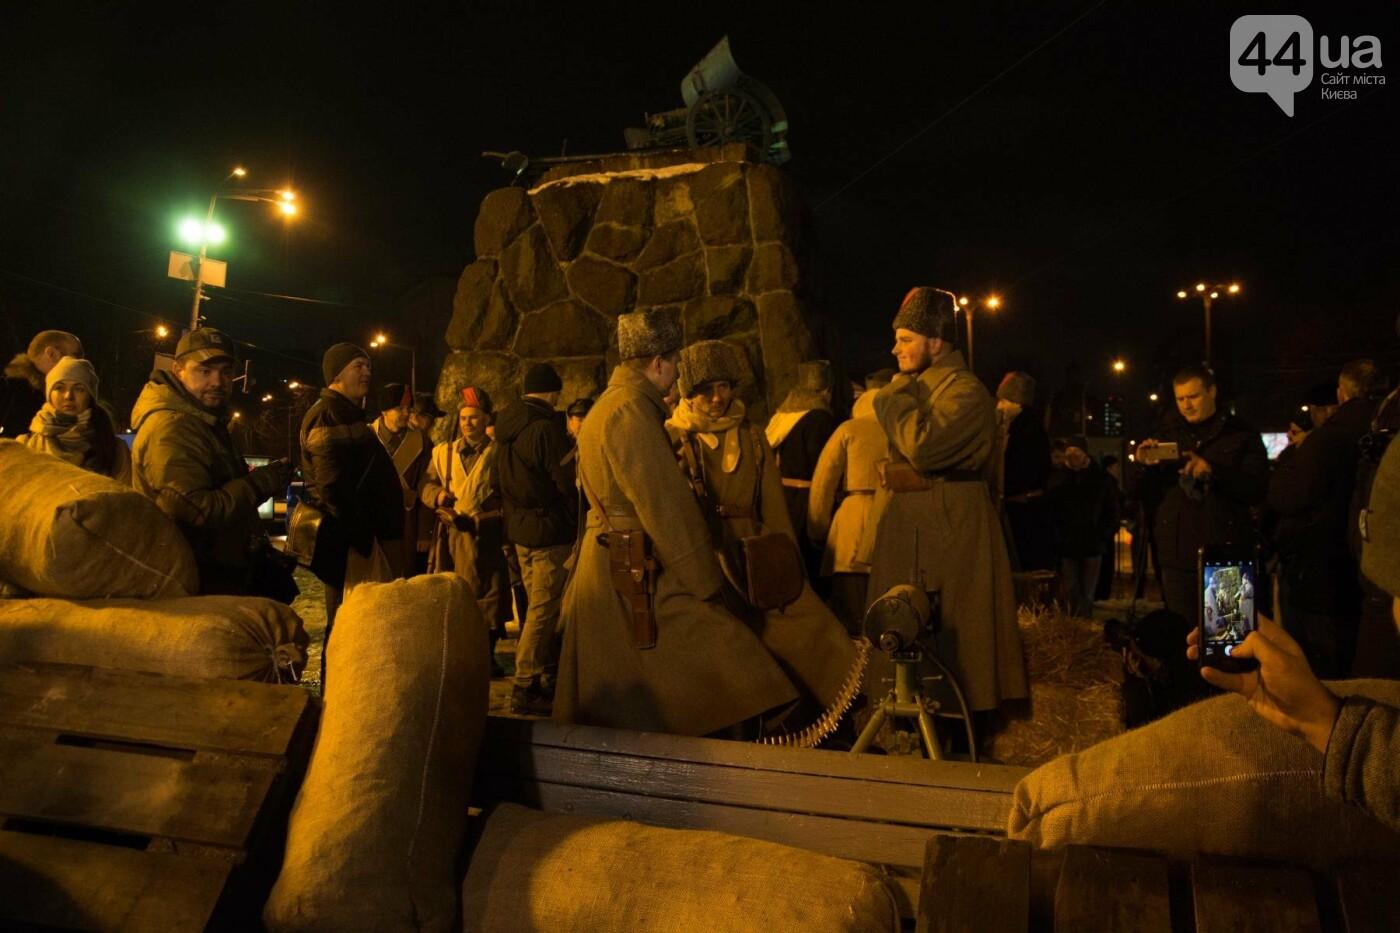 В Киеве провели реконструкцию боя за завод Арсенал (ФОТОРЕПОРТАЖ), фото-5